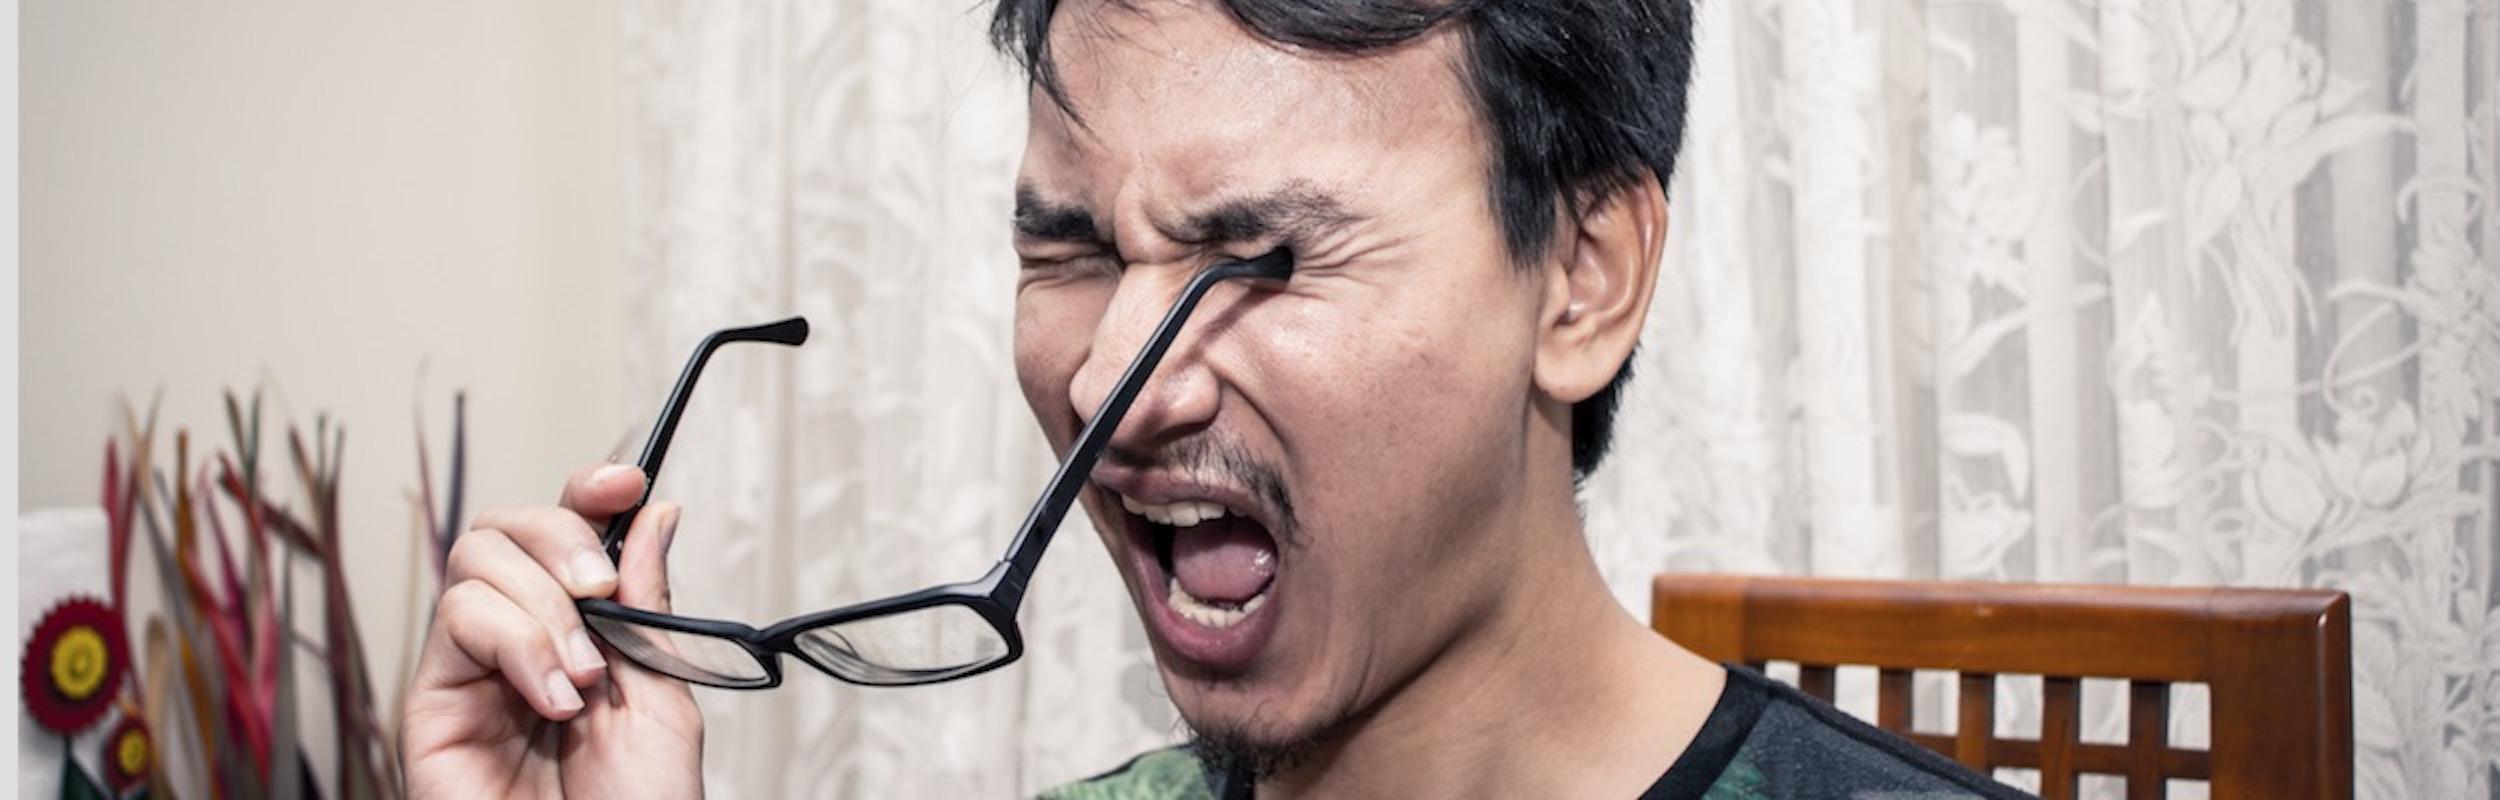 Top 10 erreurs à éviter pour une opération laser des yeux